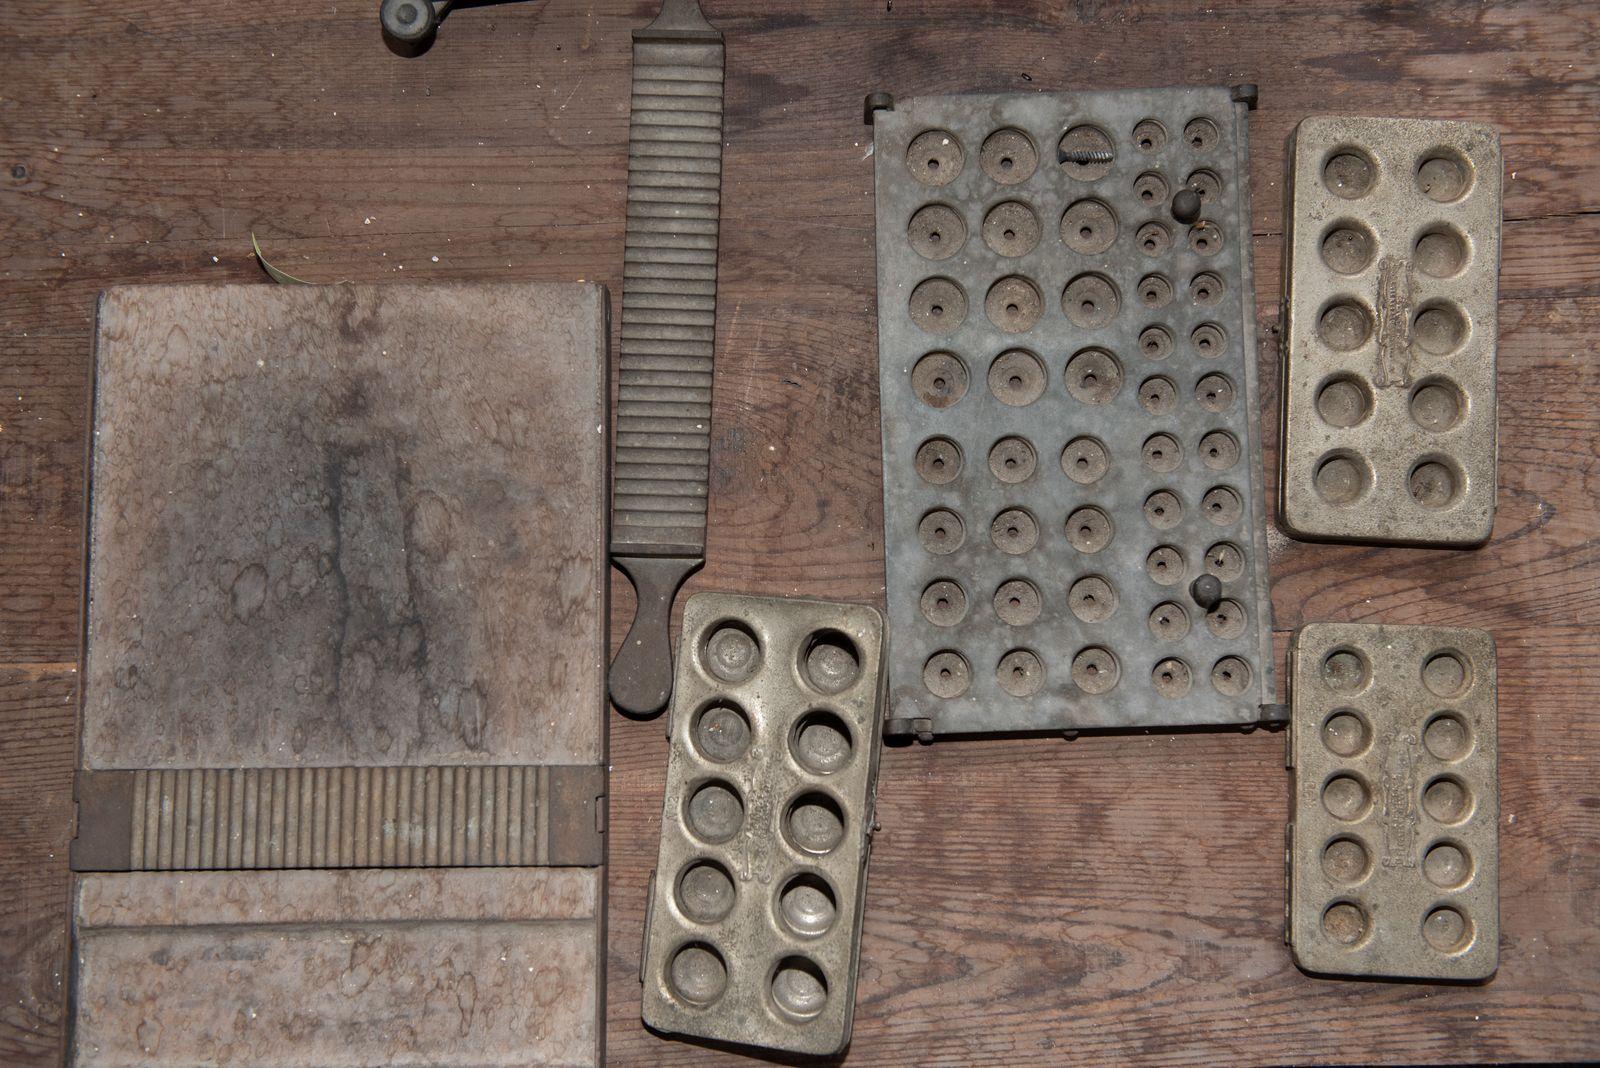 Muzei184_Машина за пилюли и преси за капсули от първата половина на 20-ти век